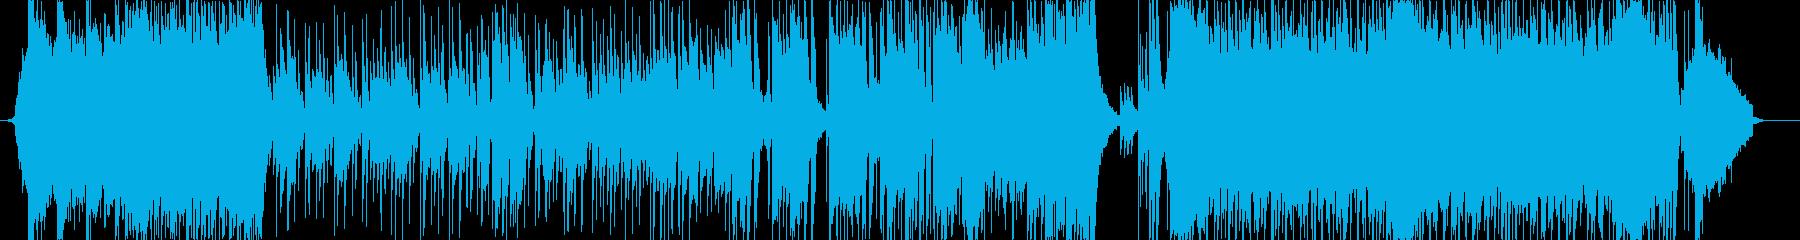 アニメOPのような明るく前向きなポップスの再生済みの波形